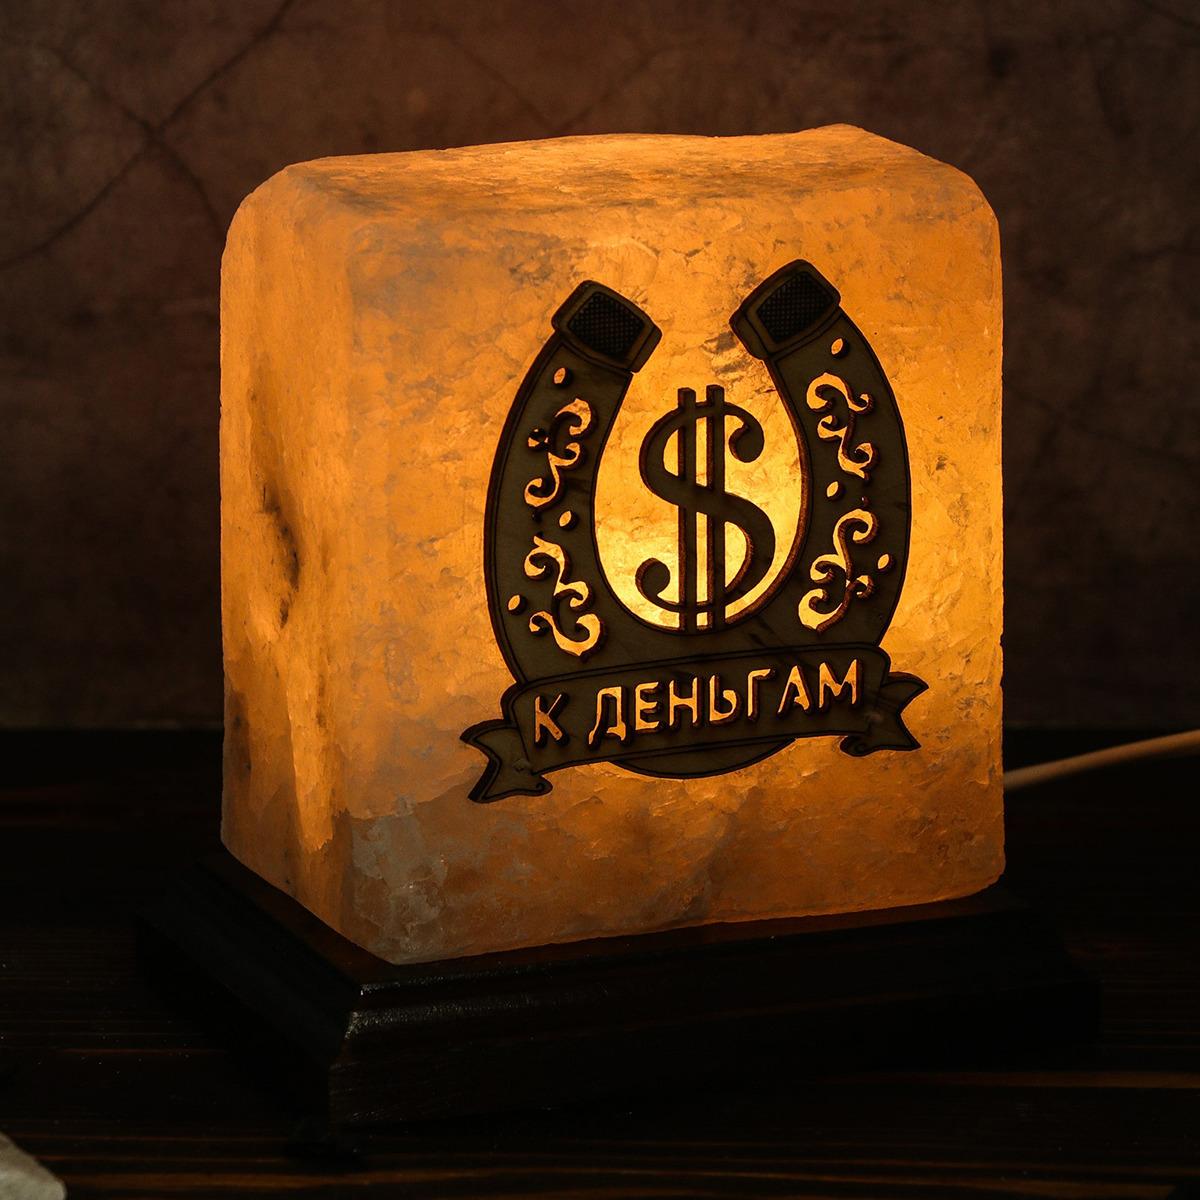 Декоративный светильник Ваше Здоровье Подкова К деньгам, соляной, G5.3, 20W, 1917247, бежевый, 10 х 14 х 15,5 см